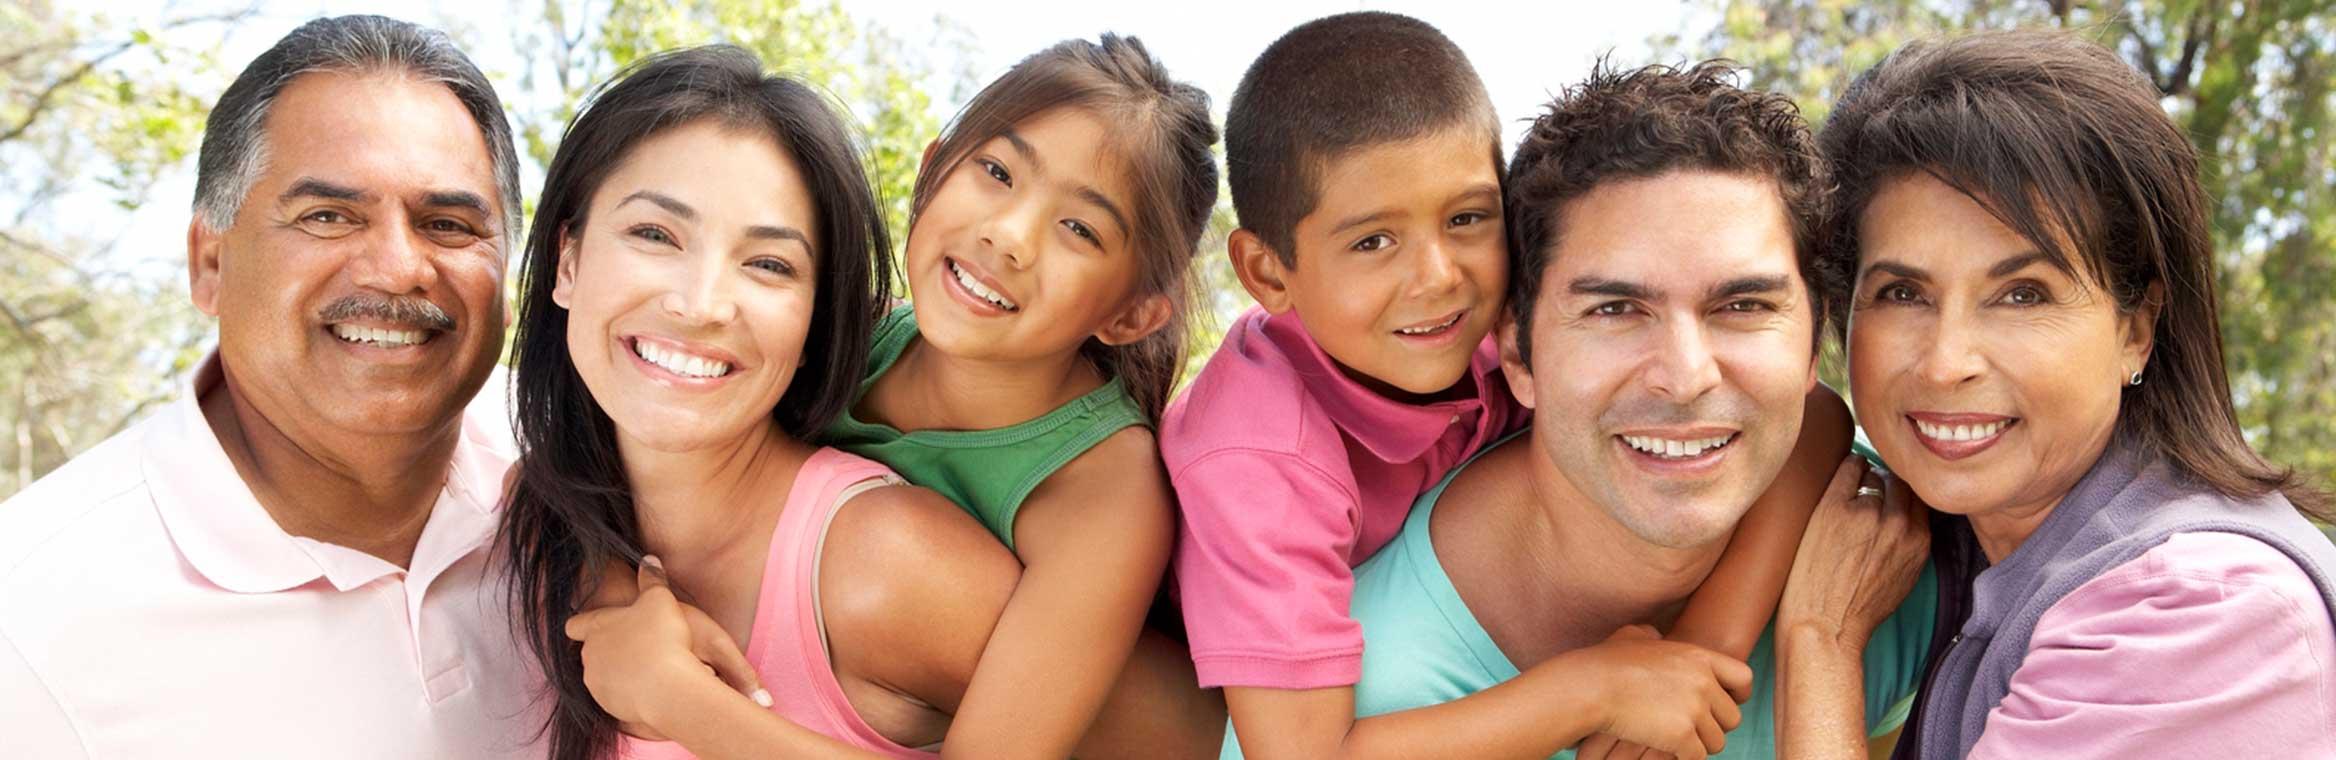 extended Hispanic family outside